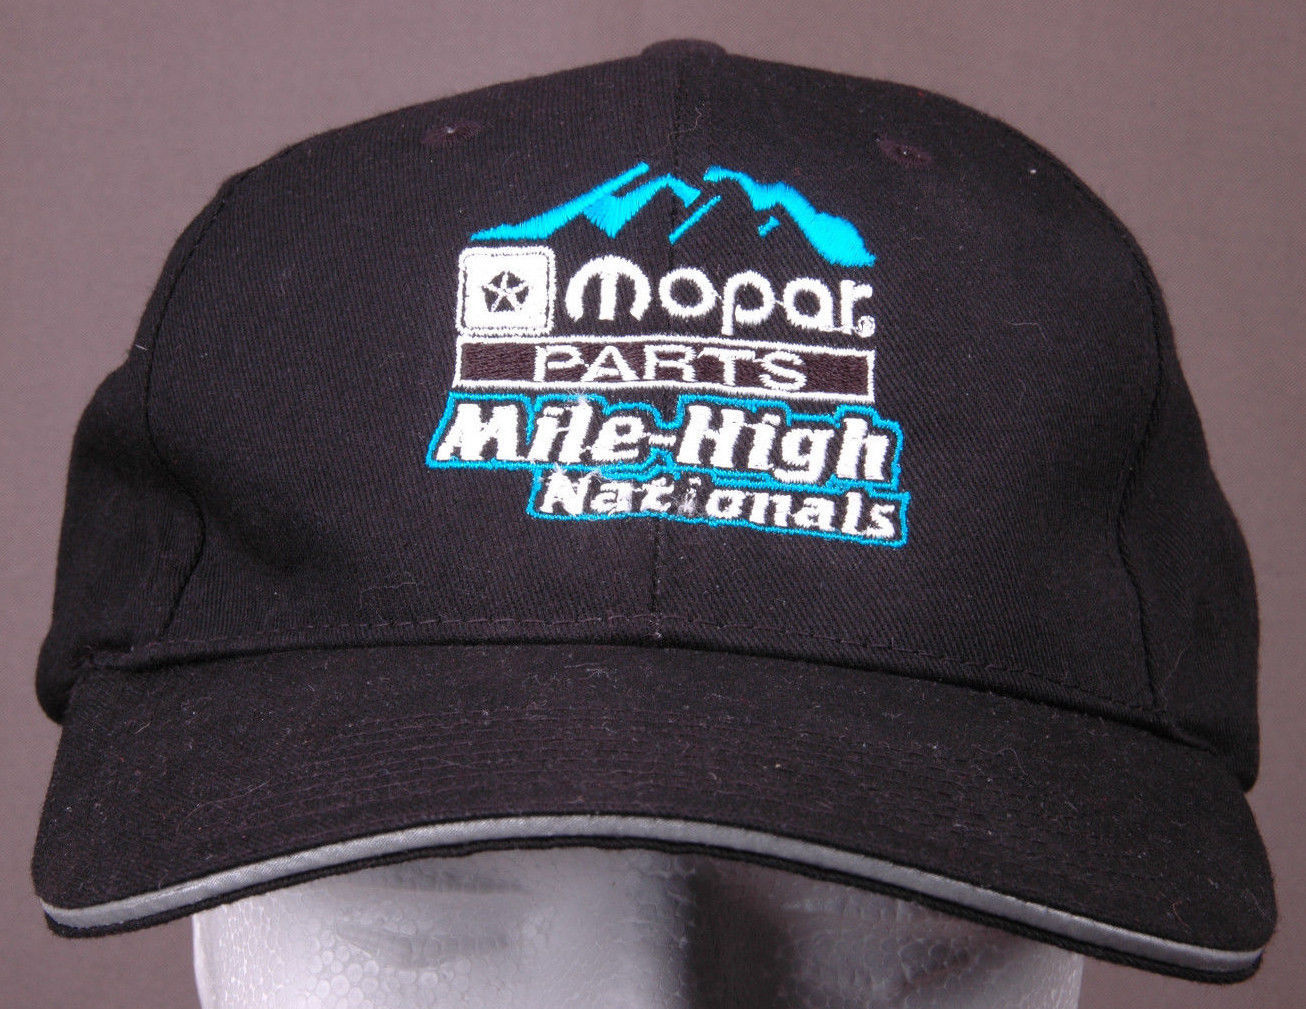 272ce3f32c5 MOPAR Parts